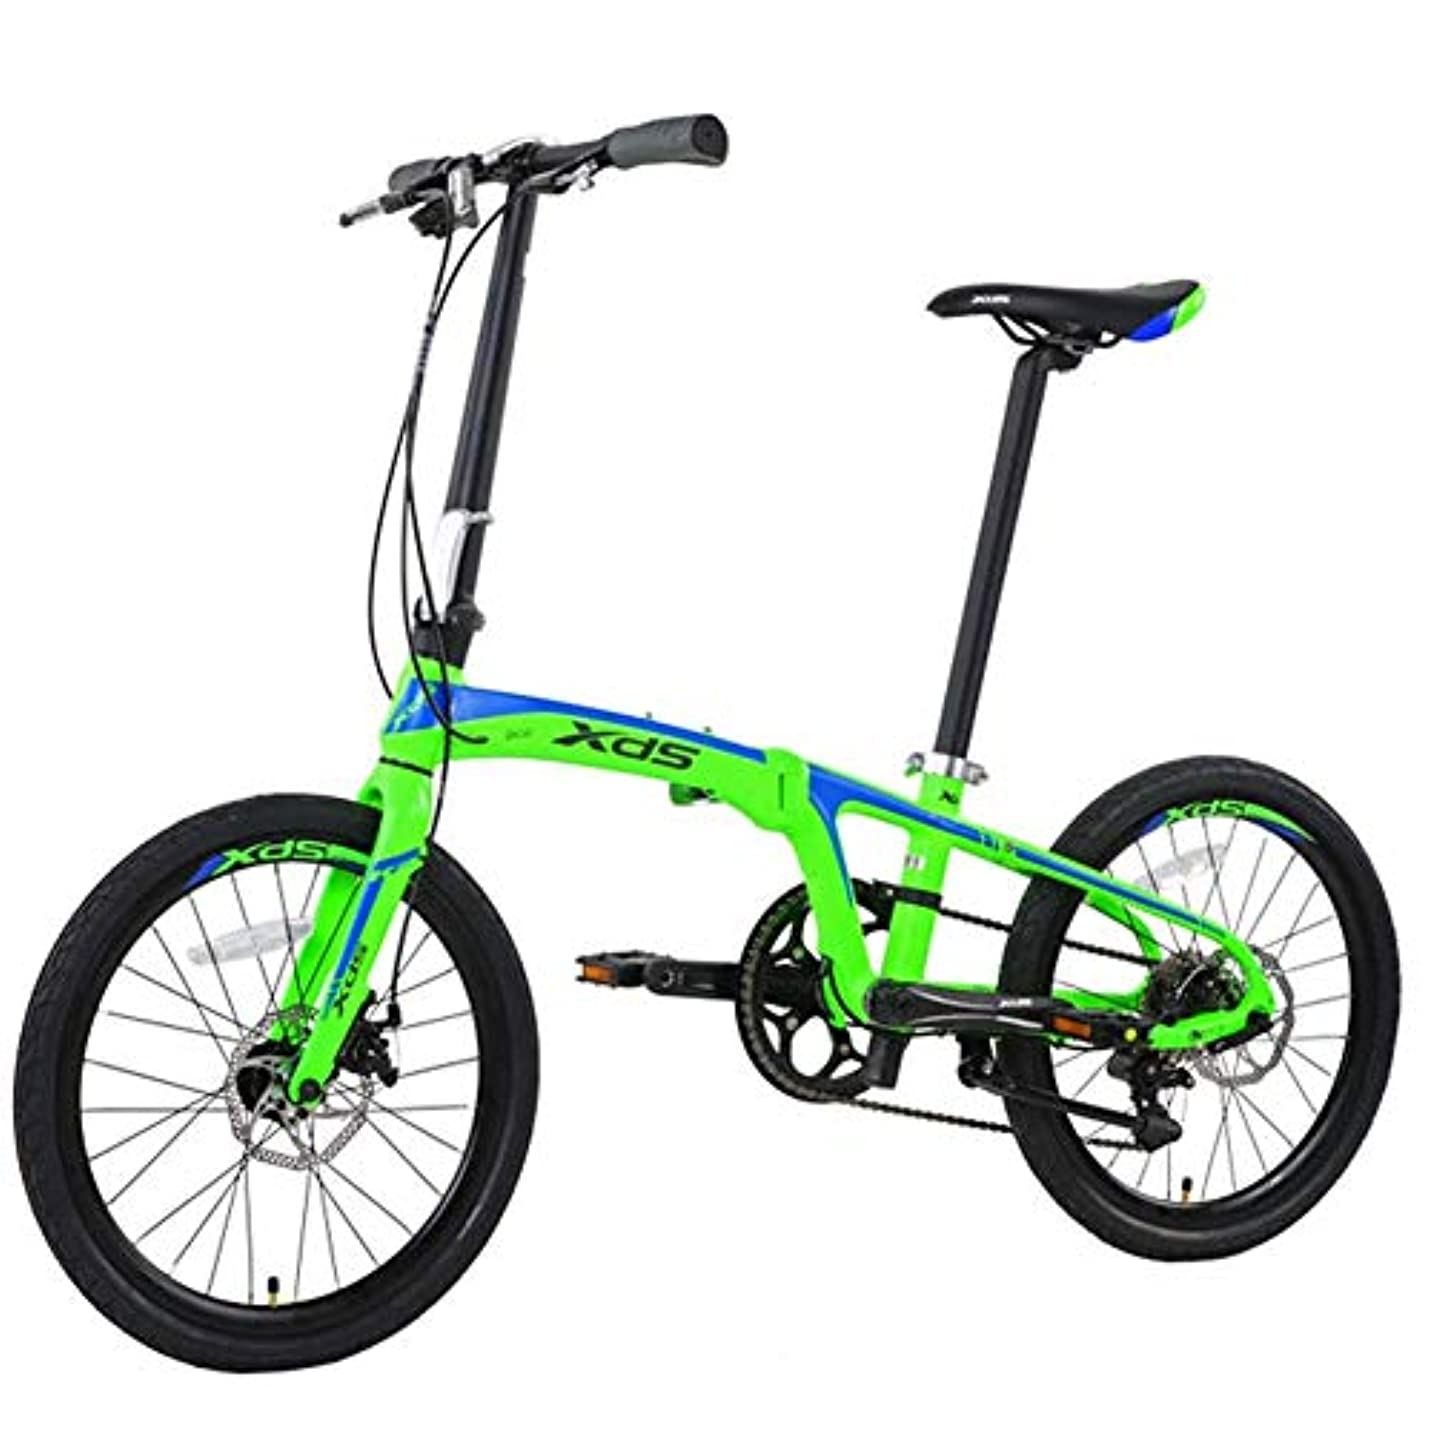 つま先突き出す気候の山20 '折りたたみ自転車、大人ユニセックス8スピードダブルディスクブレーキ軽量折りたたみ自転車、アルミ合金軽量ポータブル自転車、ブラック